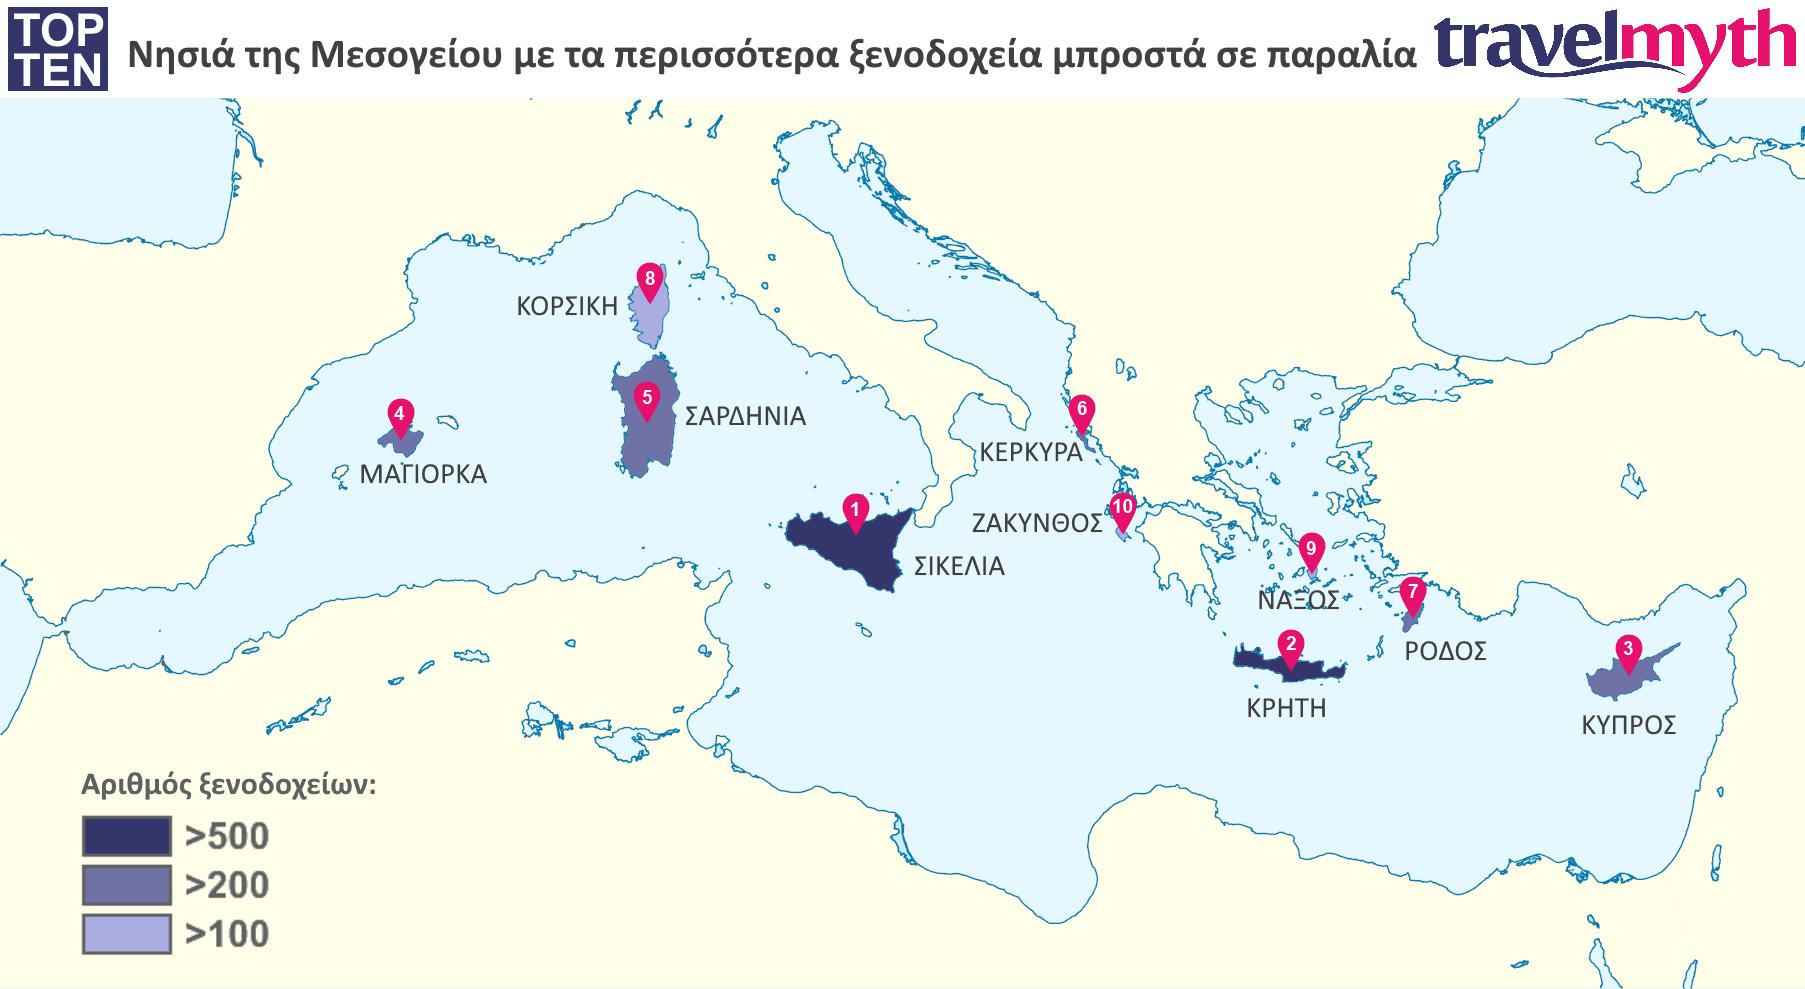 travelmyth beachfront hotels mediterranean 2018 map